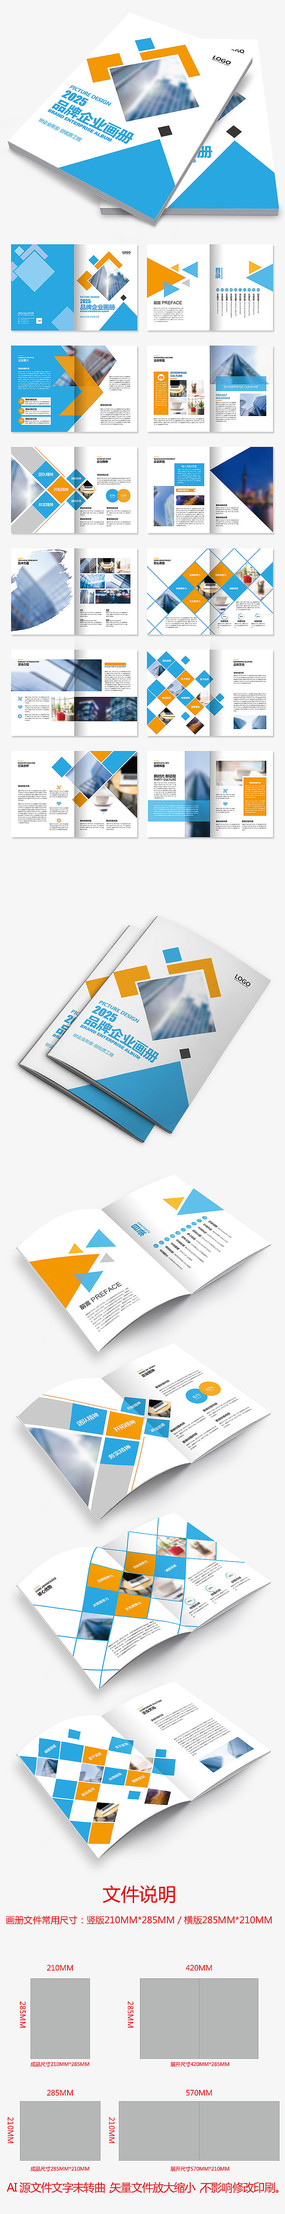 蓝橙色科技招商公司宣传册企业画册设计模板